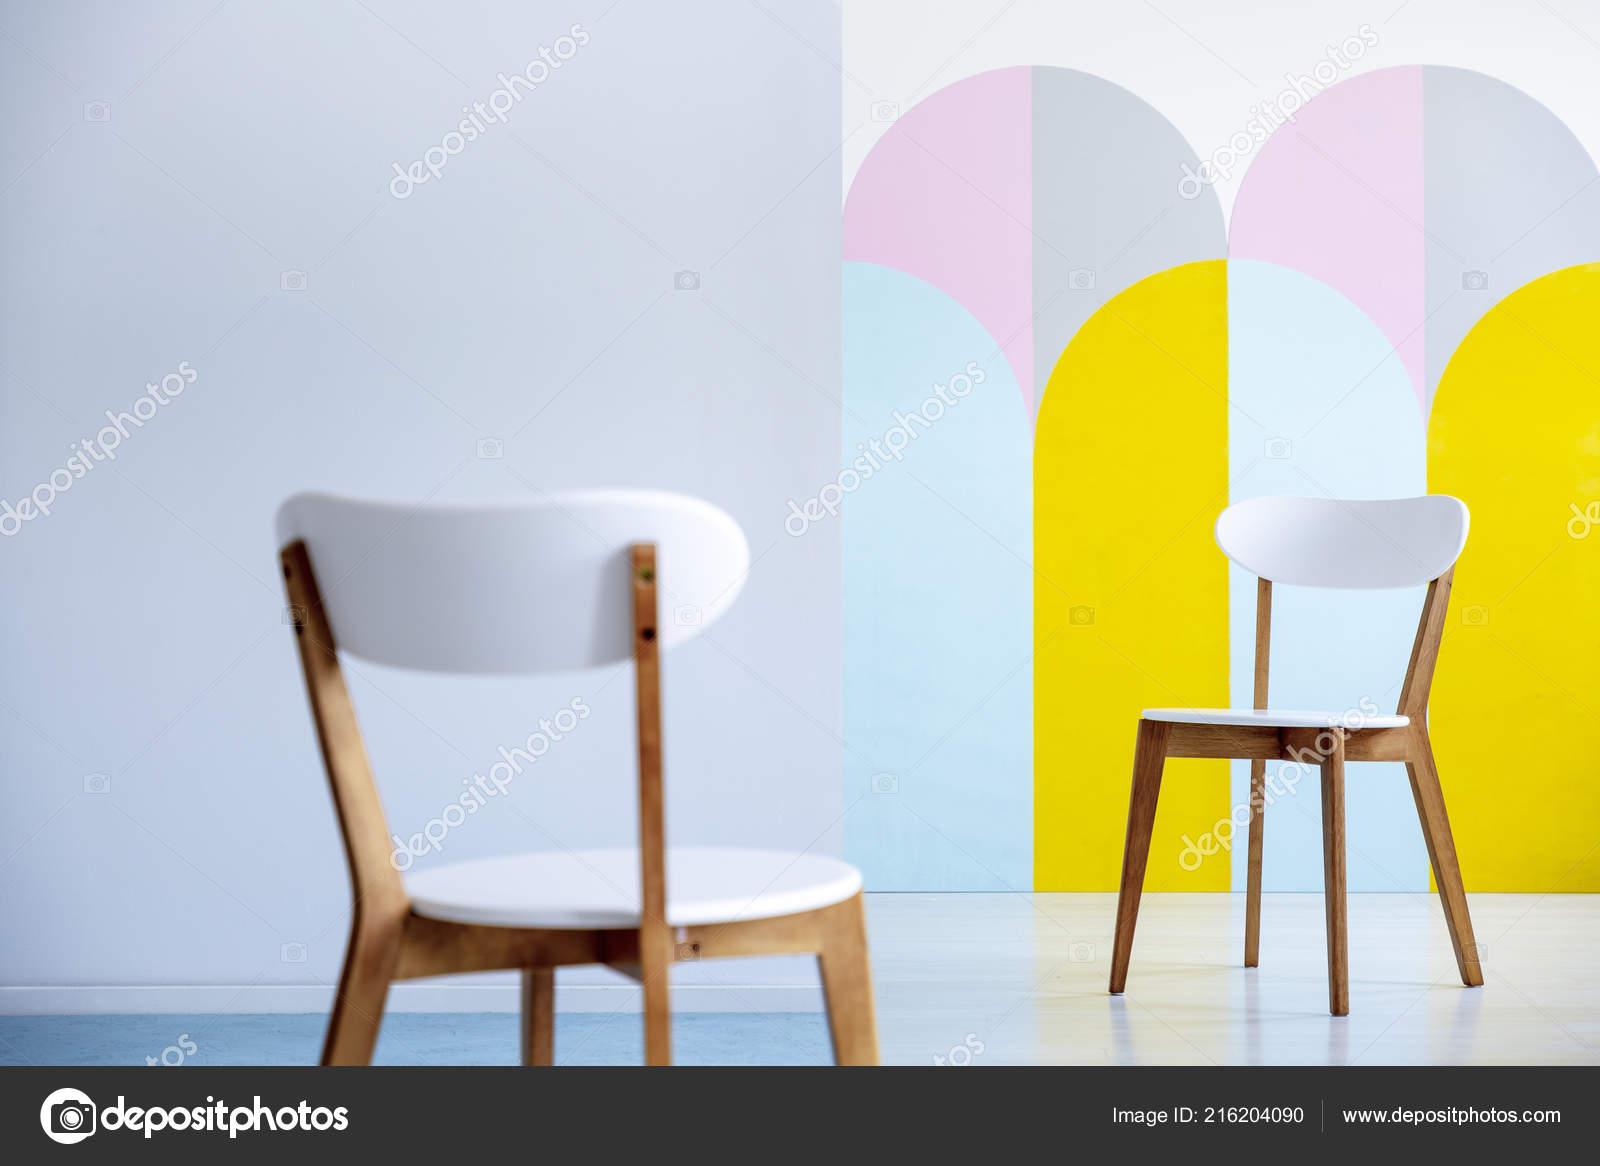 Zwei Weiße Stühle Einander Gegenüber Einer Hellen Büroeinrichtung